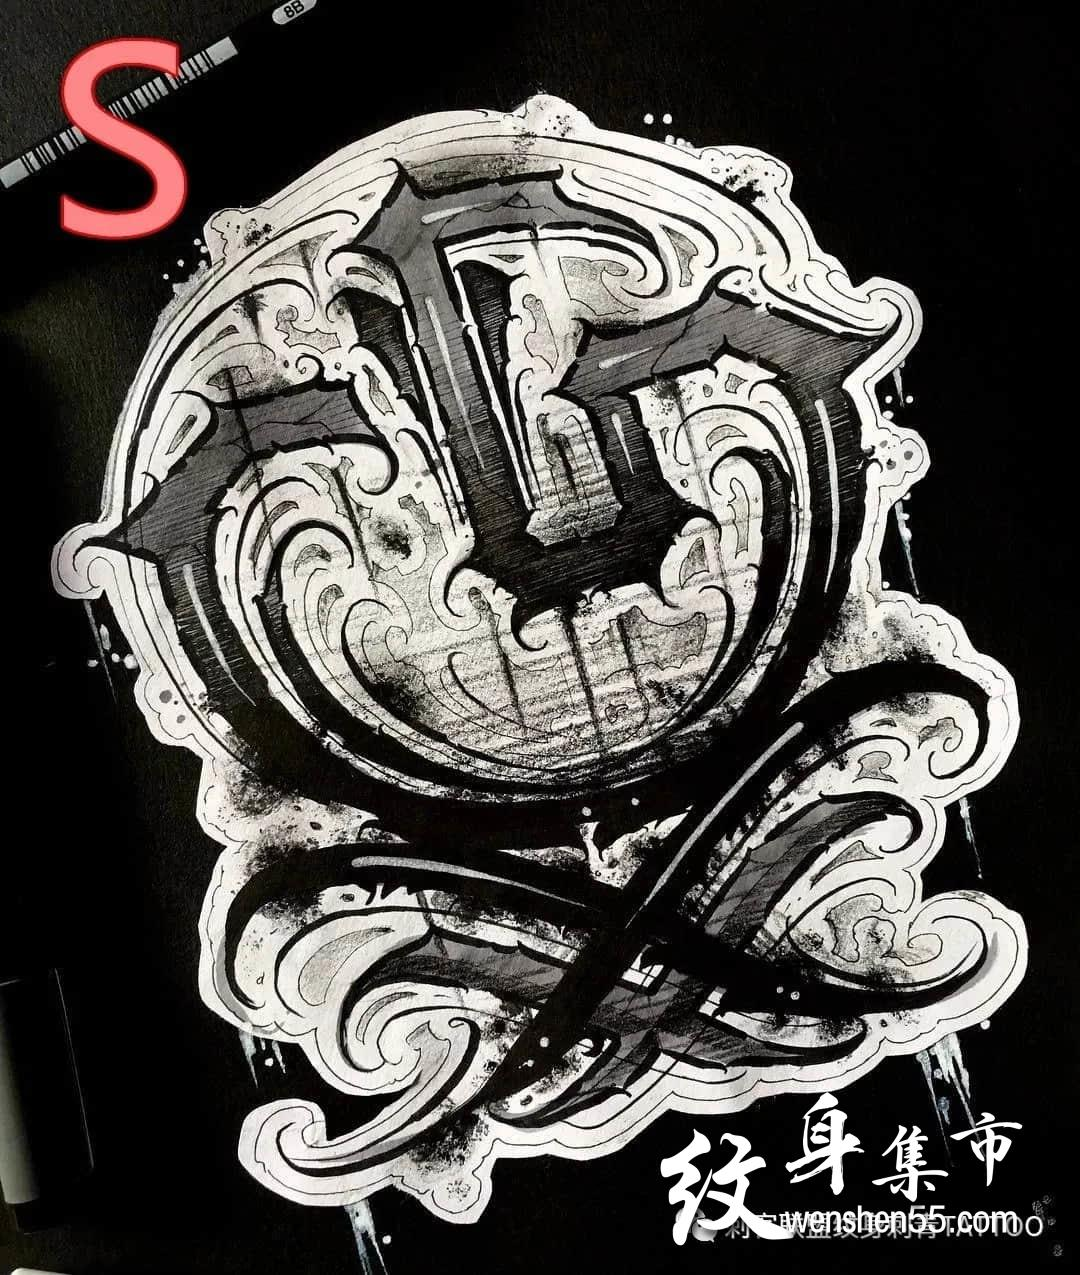 暗黑花体字,暗黑花体字纹身手稿图案